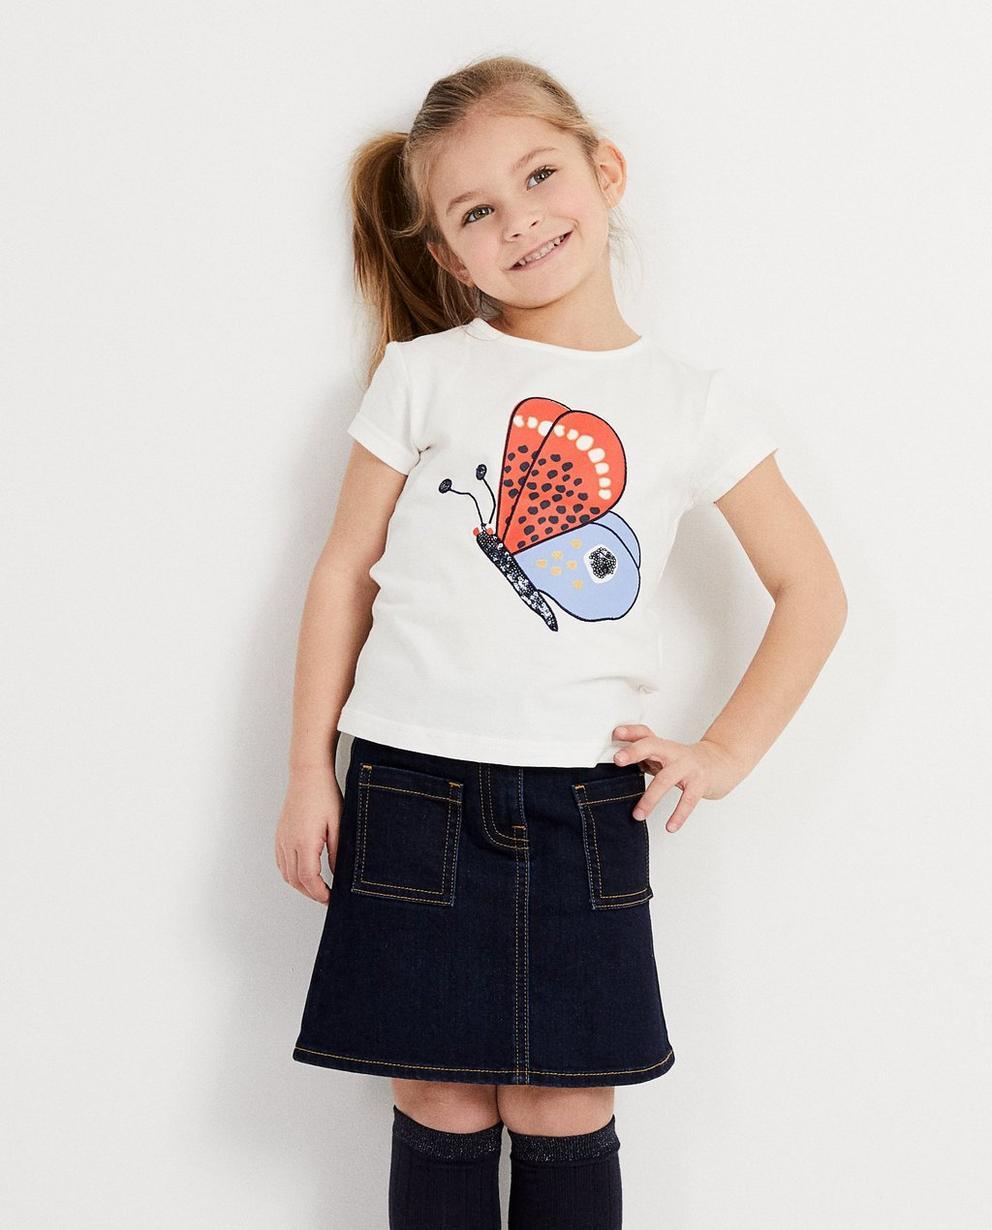 T-Shirts - Weiss - T-Shirt mit Print + Pailletten